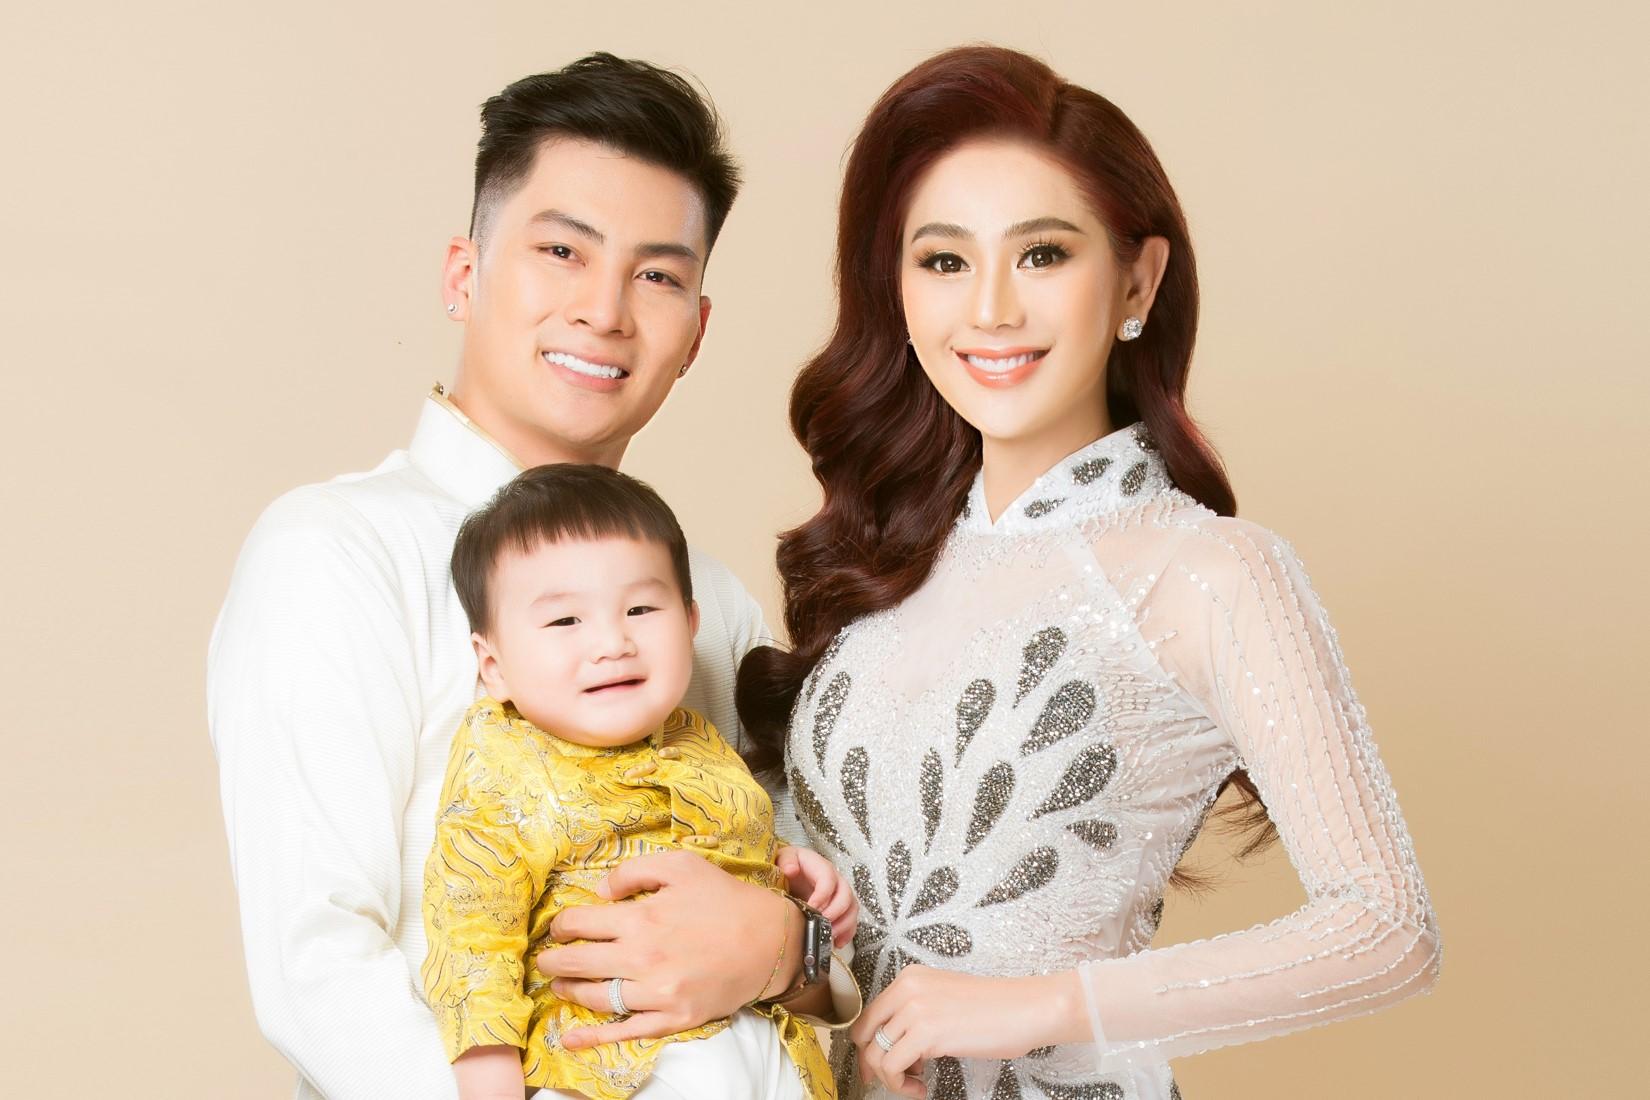 Lâm Khánh Chi lên kế hoạch nhờ người mang thai hộ con thứ 2 - 1